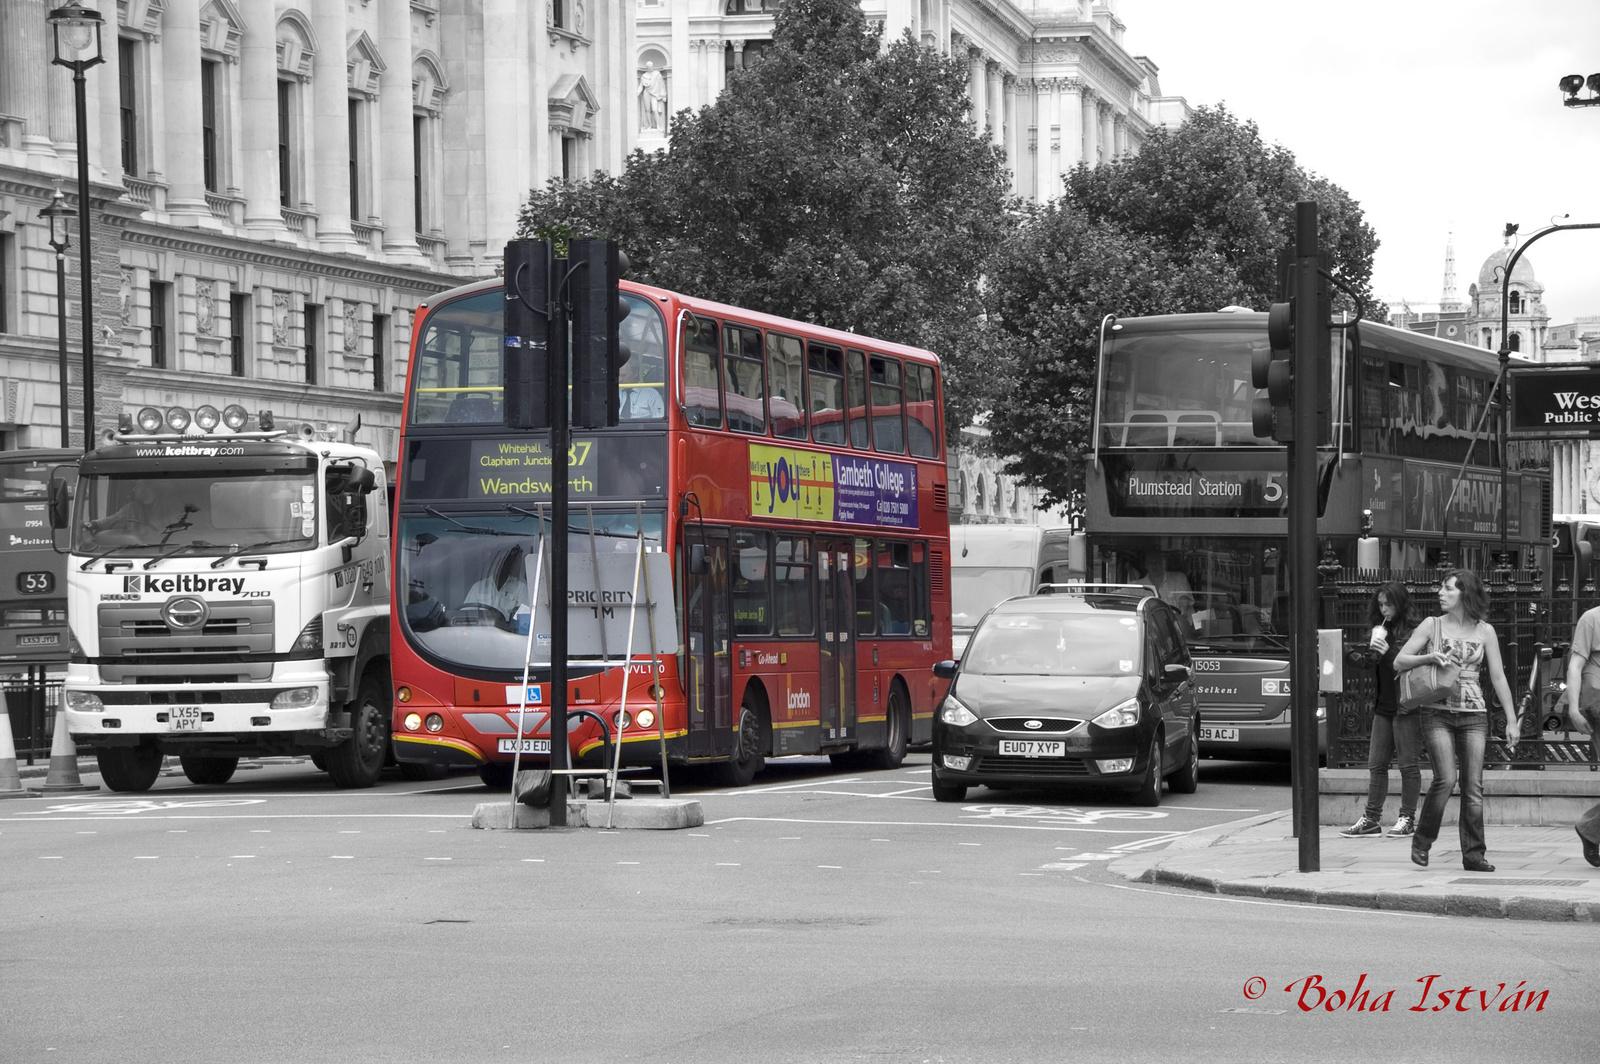 Piros Busz Londonban